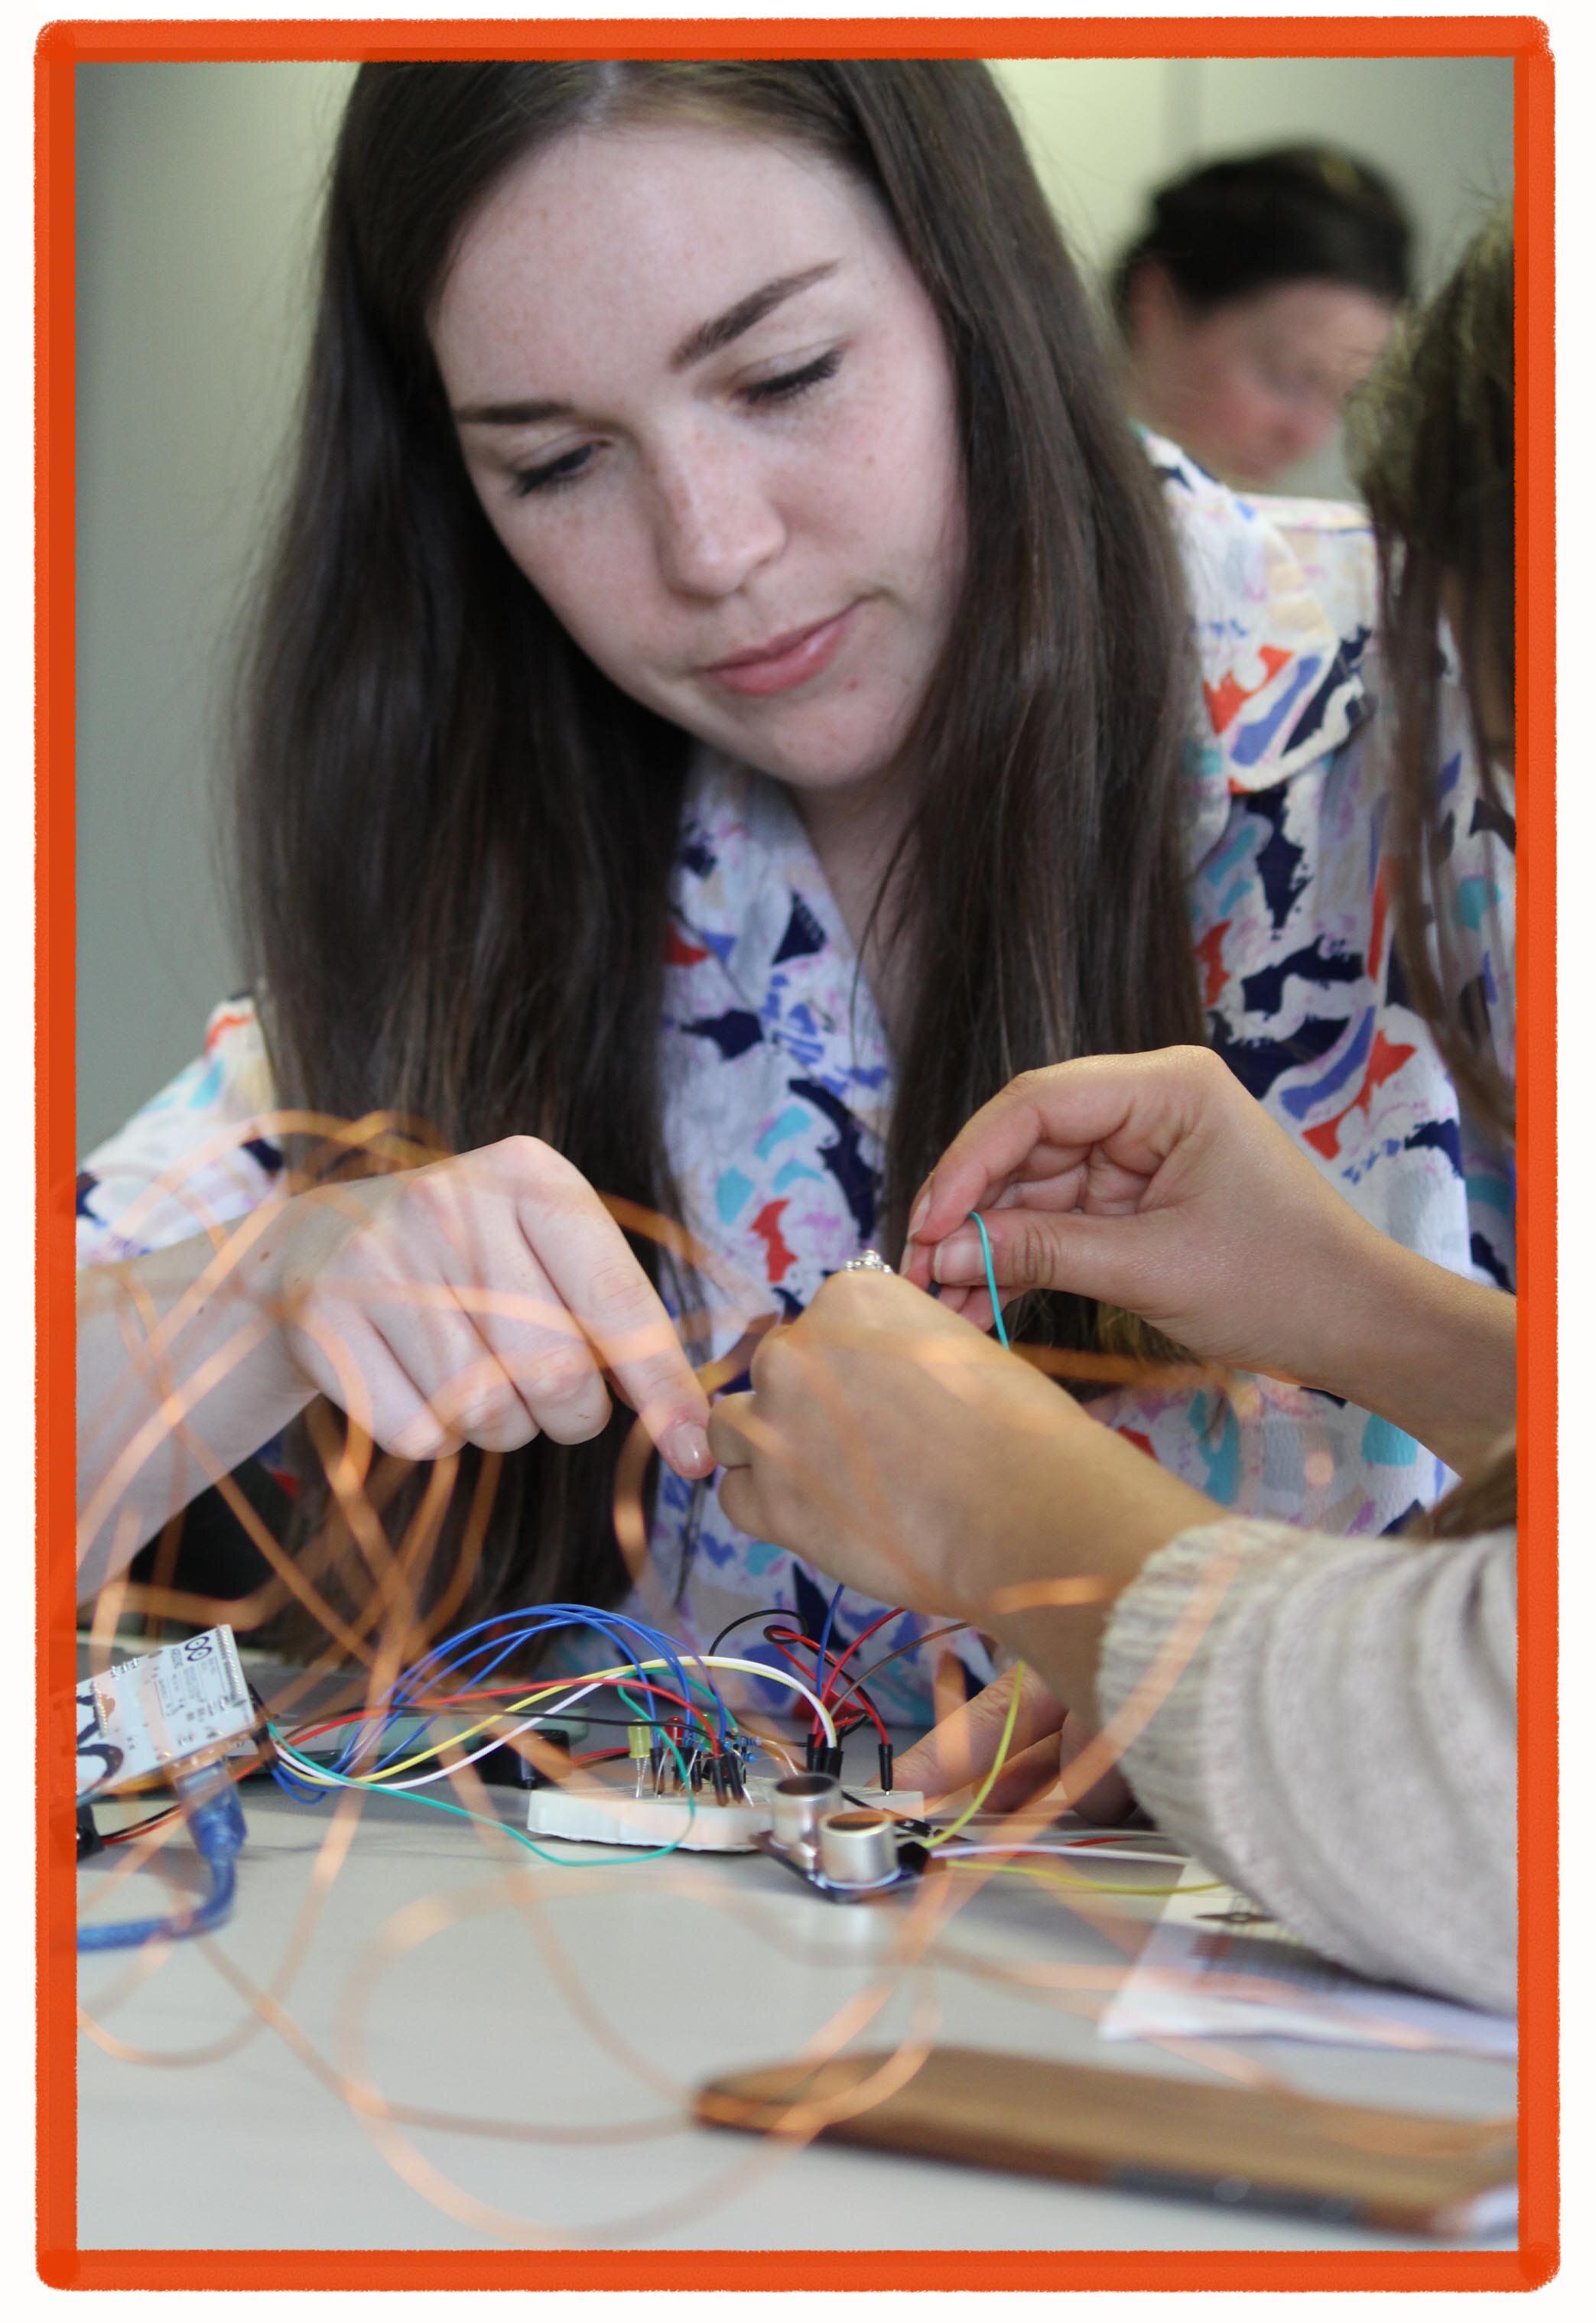 Arduino: A Maker Approach to Art & Interactivity Workshop